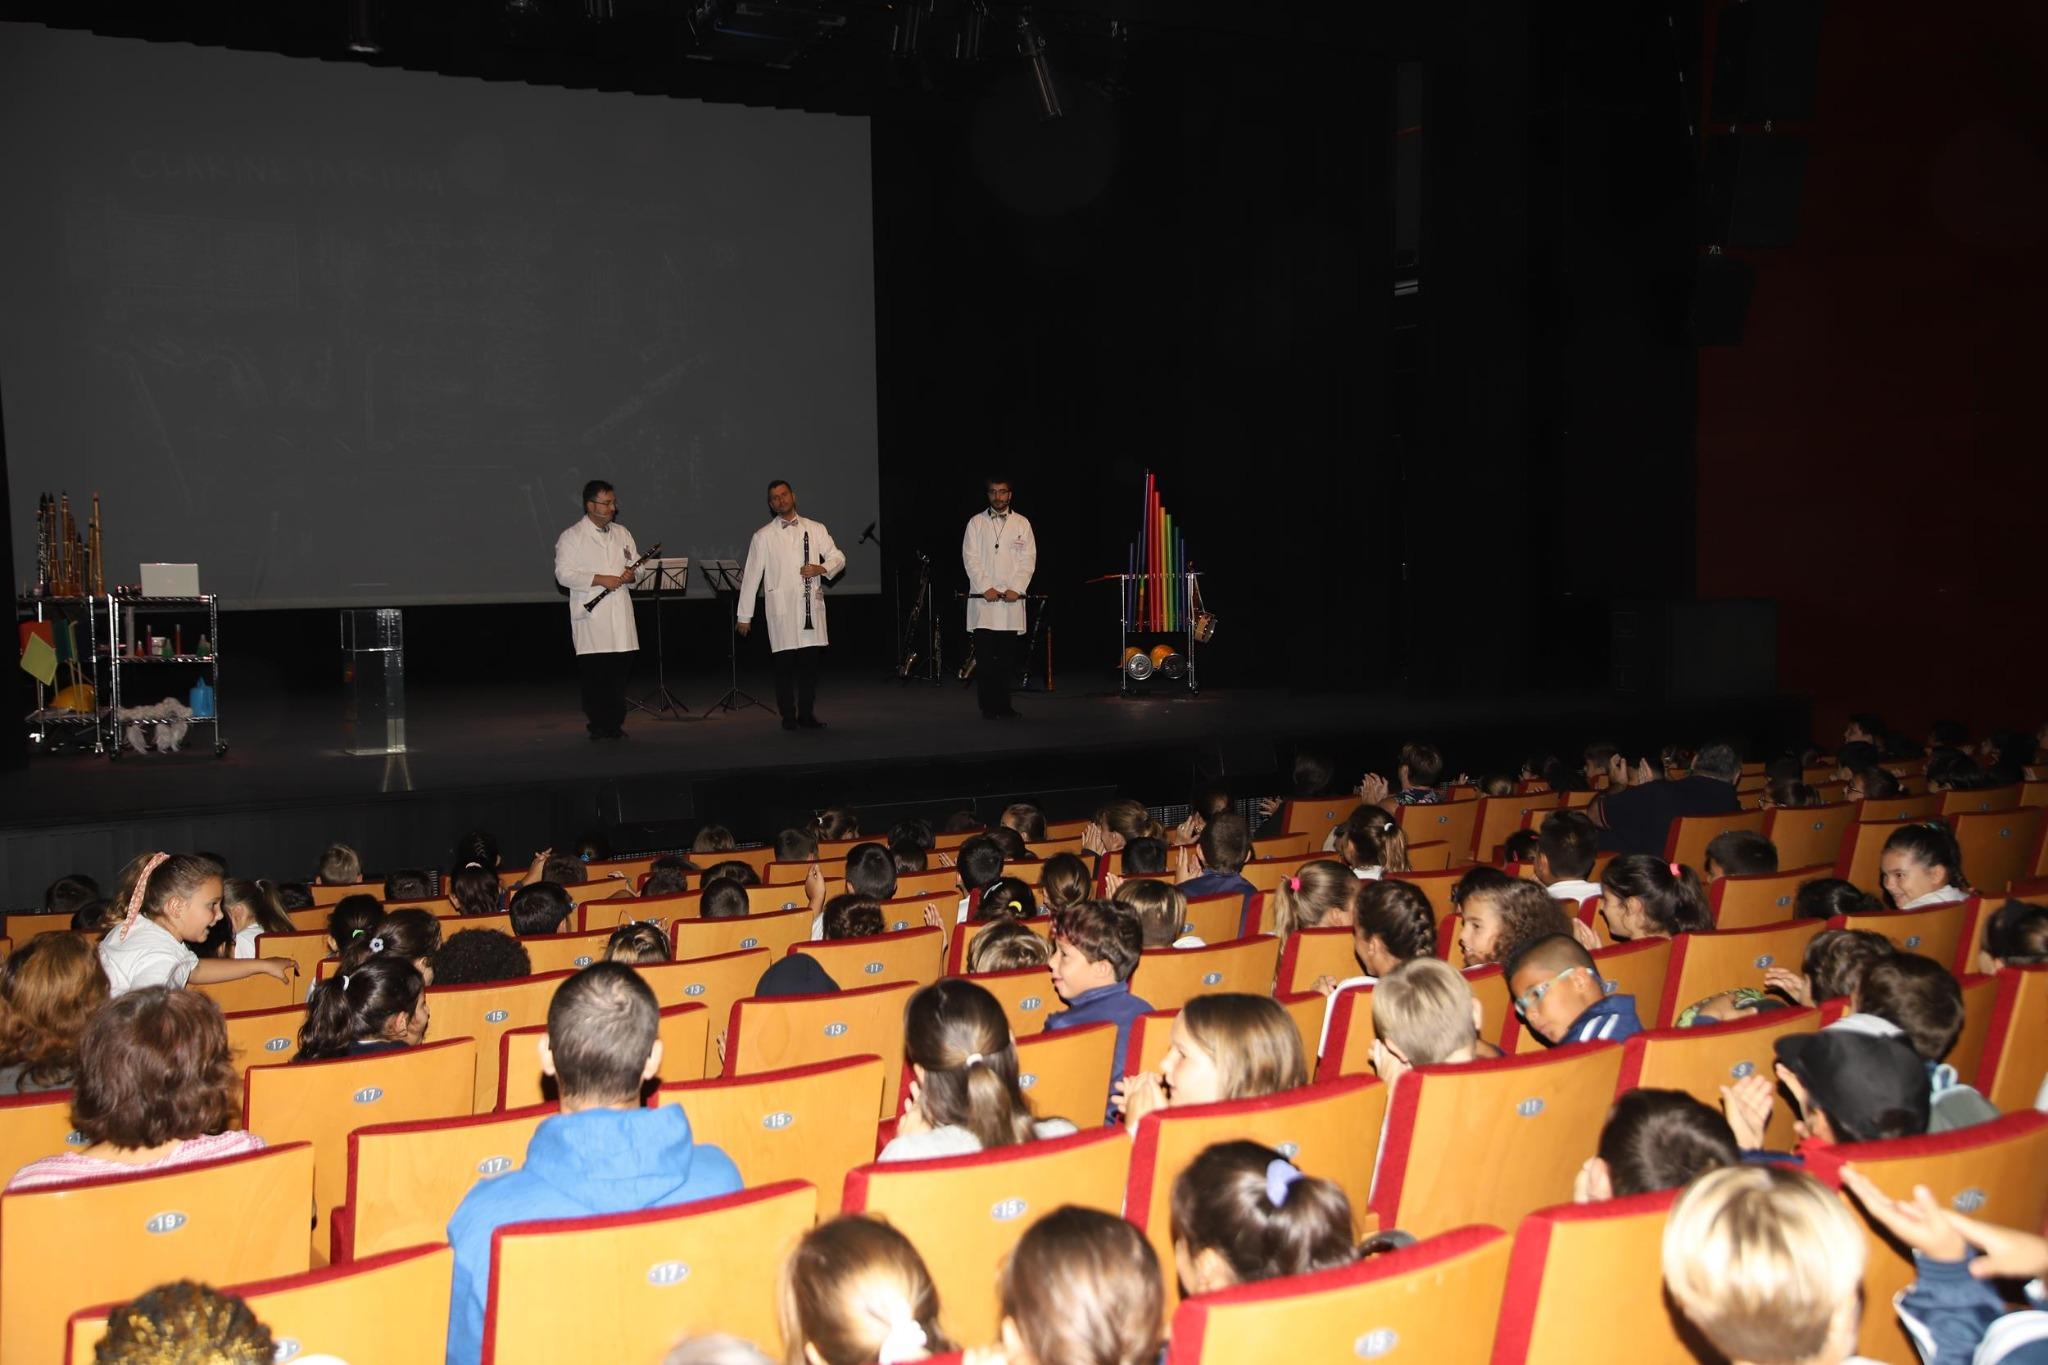 Unos 1.900 escolares asisten en Arrecife al espectáculo familiar Clarinetarium, organizado por la Fundación CajaCanarias, «la Caixa» y el Cabildo de Lanzarote